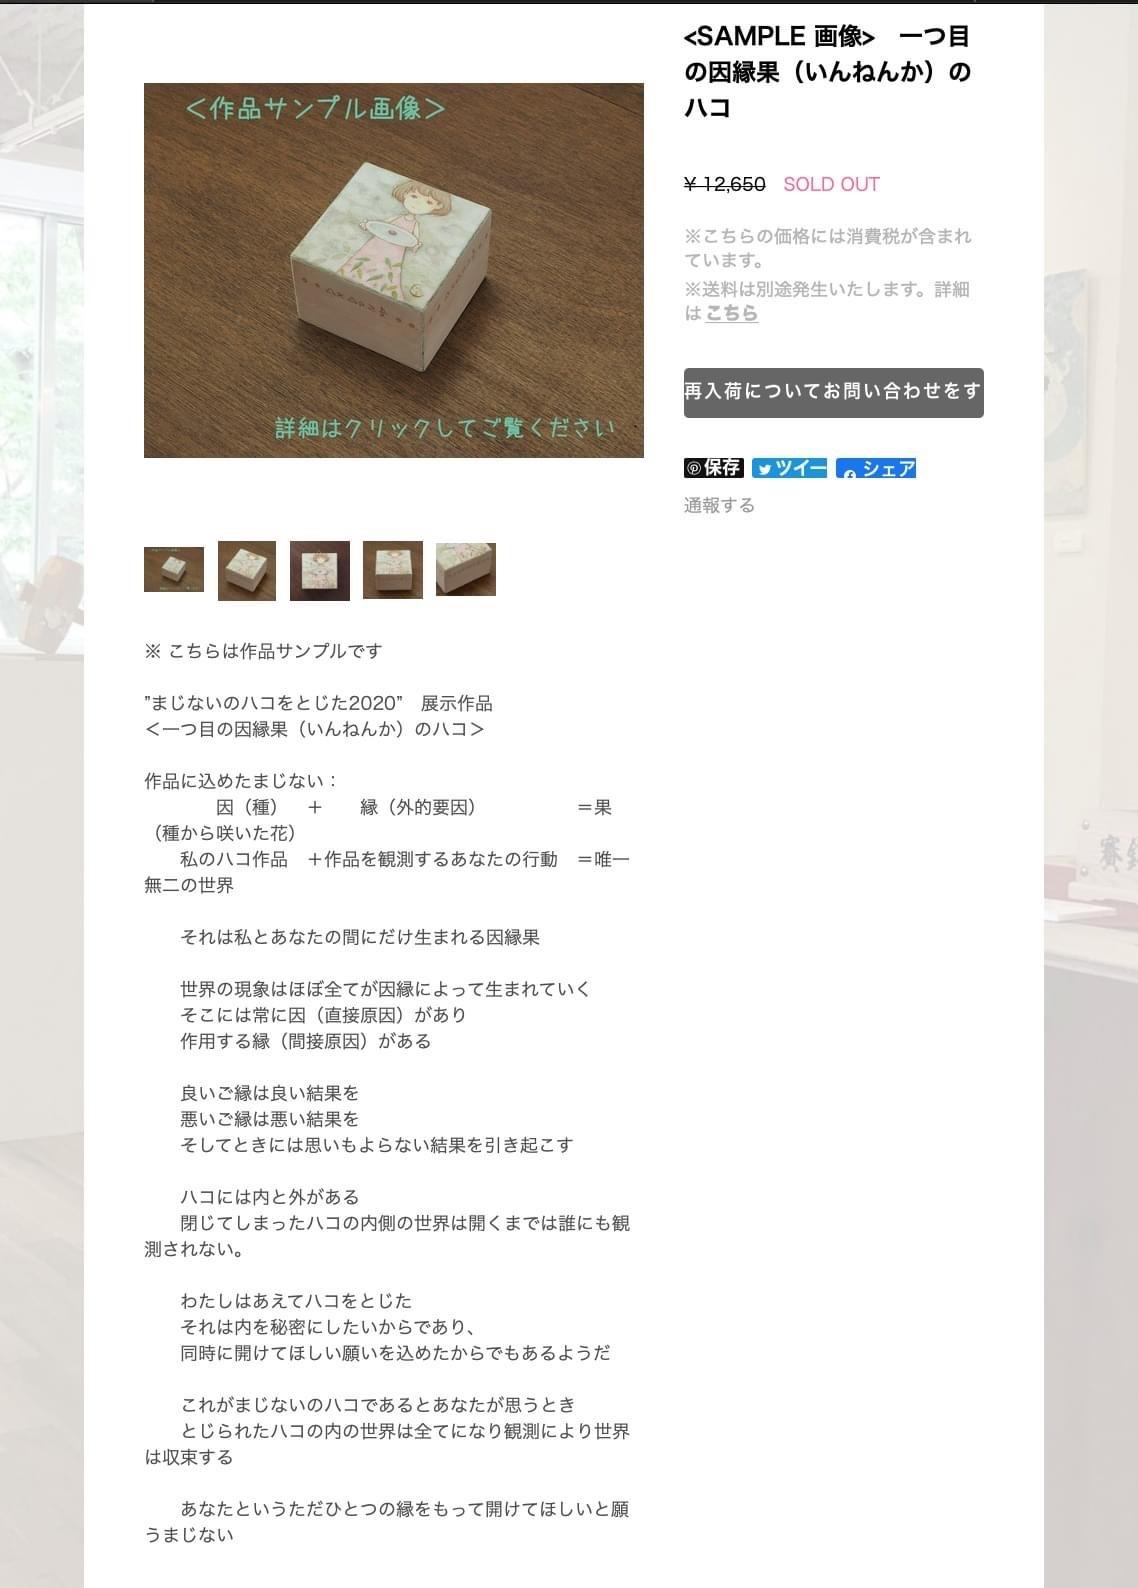 6/13 お知らせvol.2 【改めまして、まじないのハコ作品販売を受け付け始めます!】_c0186460_08451664.jpeg